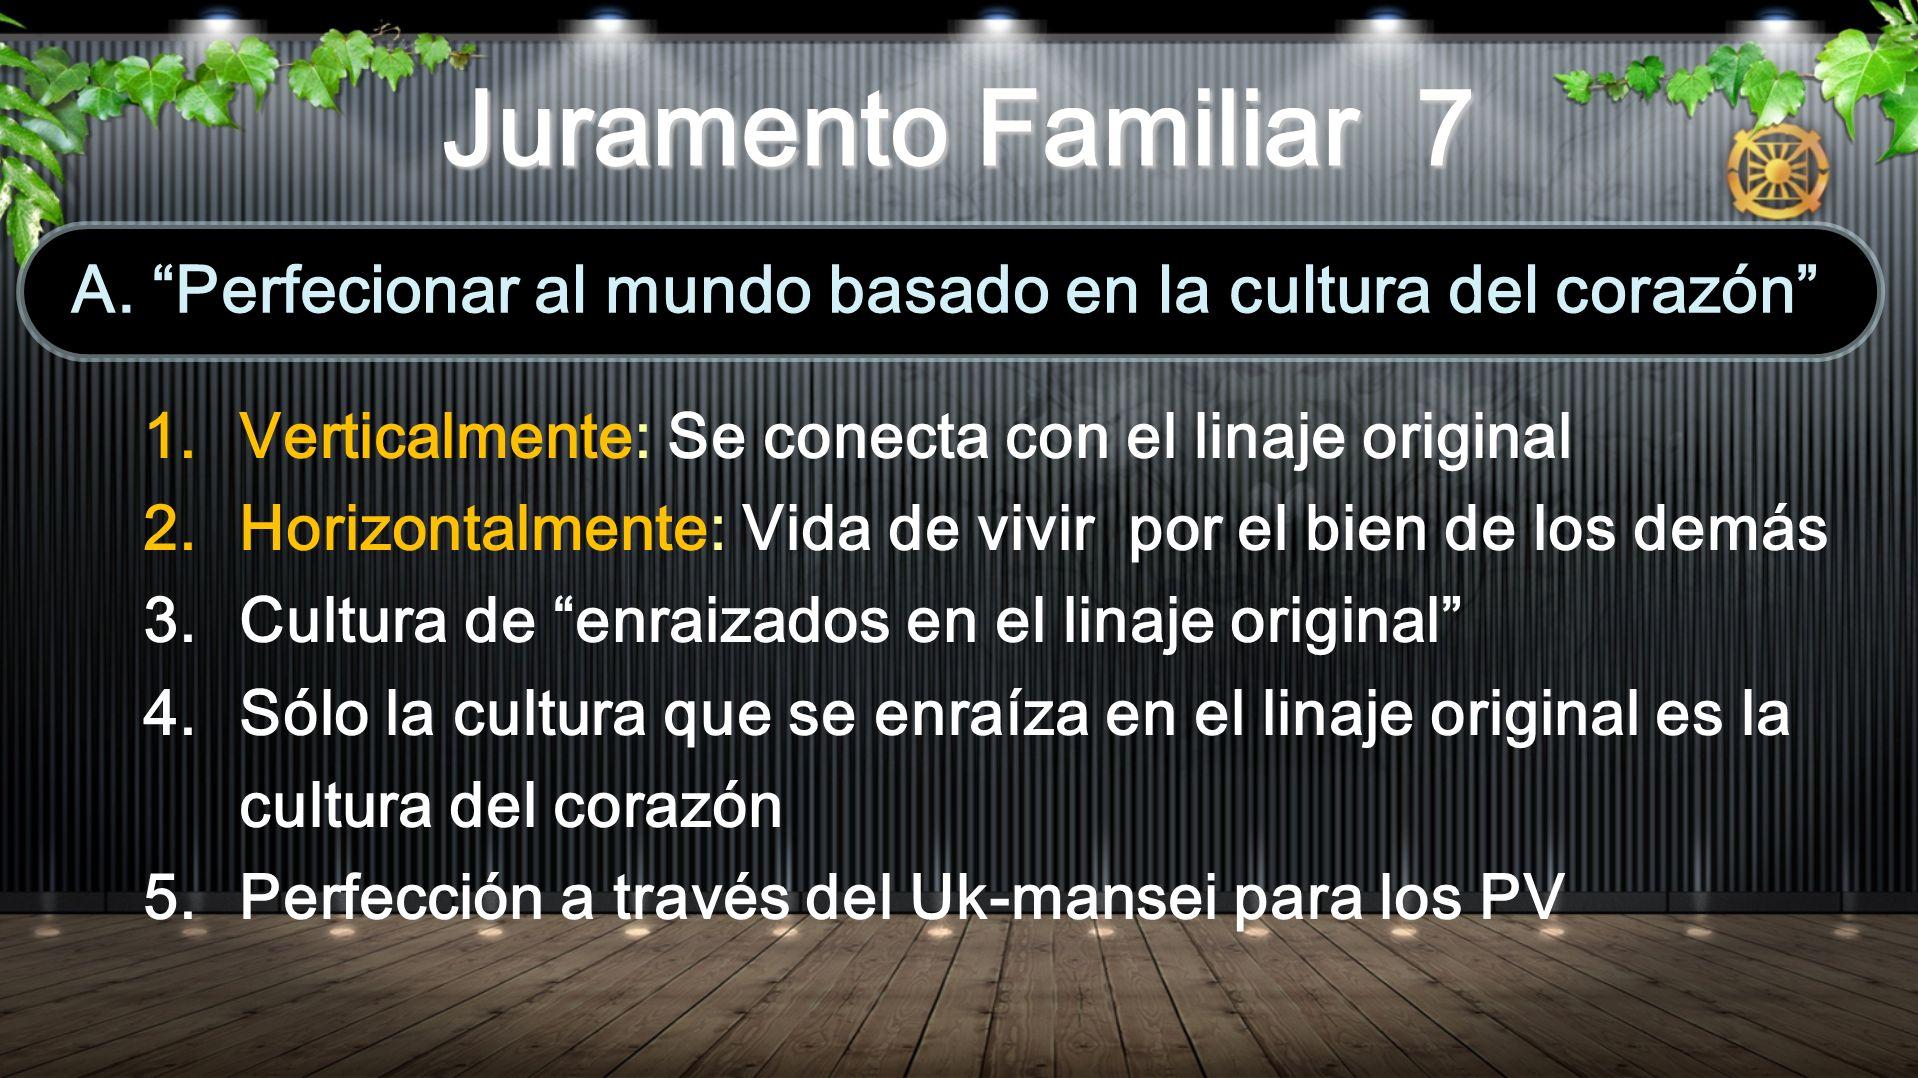 1.Verticalmente: Se conecta con el linaje original 2.Horizontalmente: Vida de vivir por el bien de los demás 3.Cultura de enraizados en el linaje original 4.Sólo la cultura que se enraíza en el linaje original es la cultura del corazón 5.Perfección a través del Uk-mansei para los PV A.